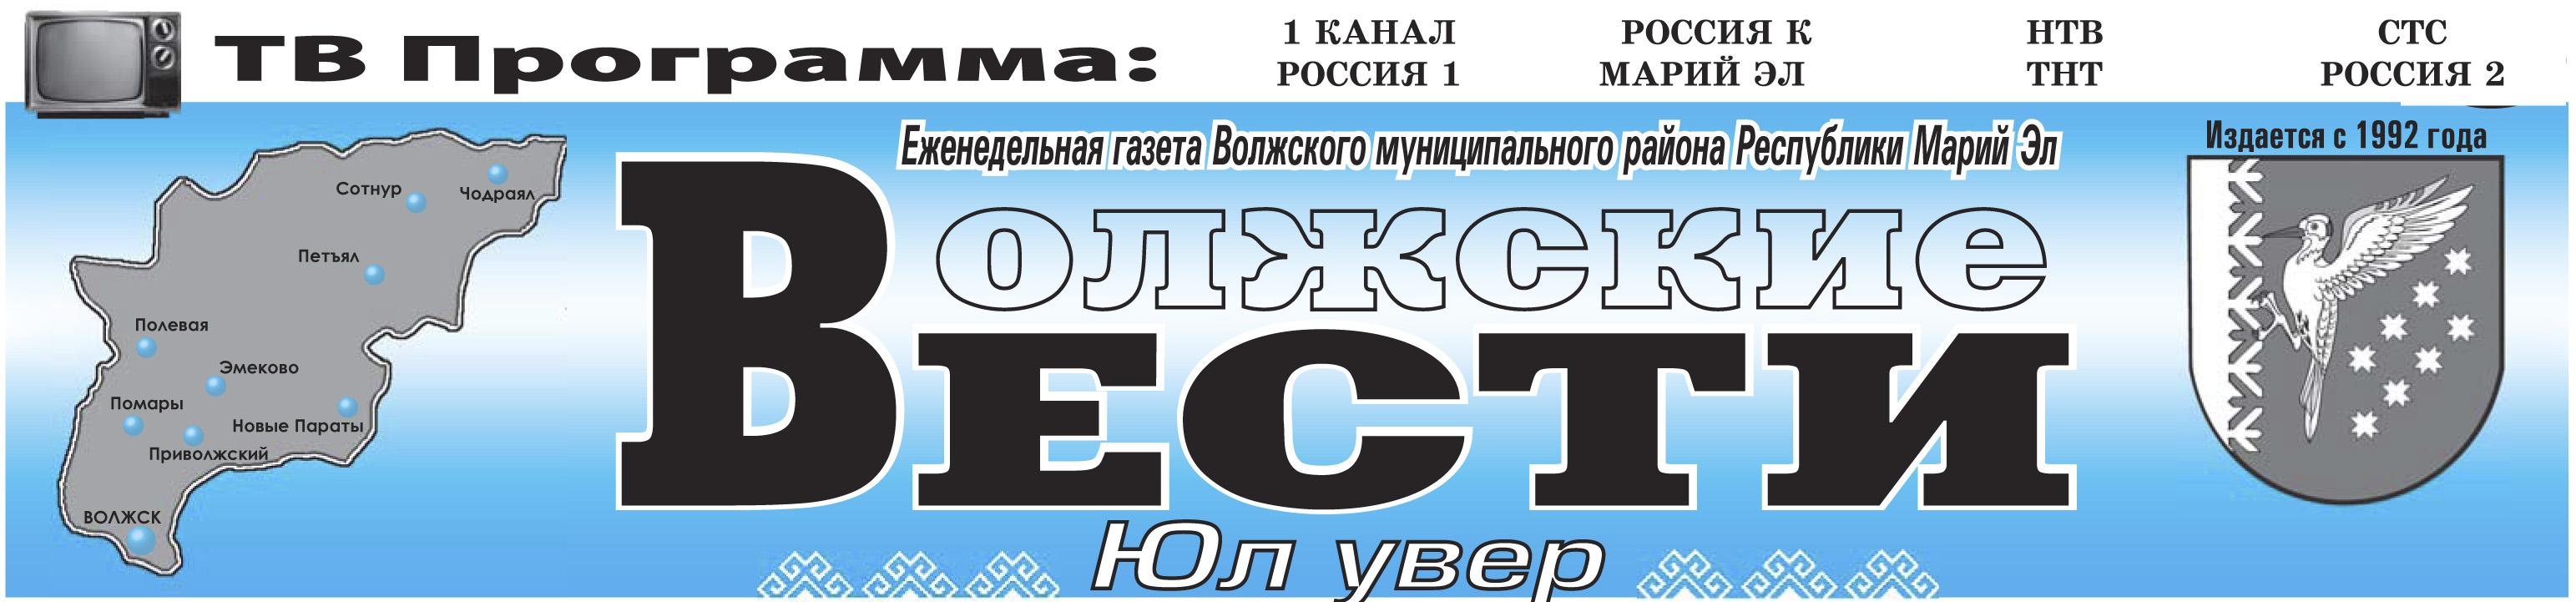 Волжские вести частные объявления на 30 декабря подать объявление в саяногорский курьер г.саяногорск